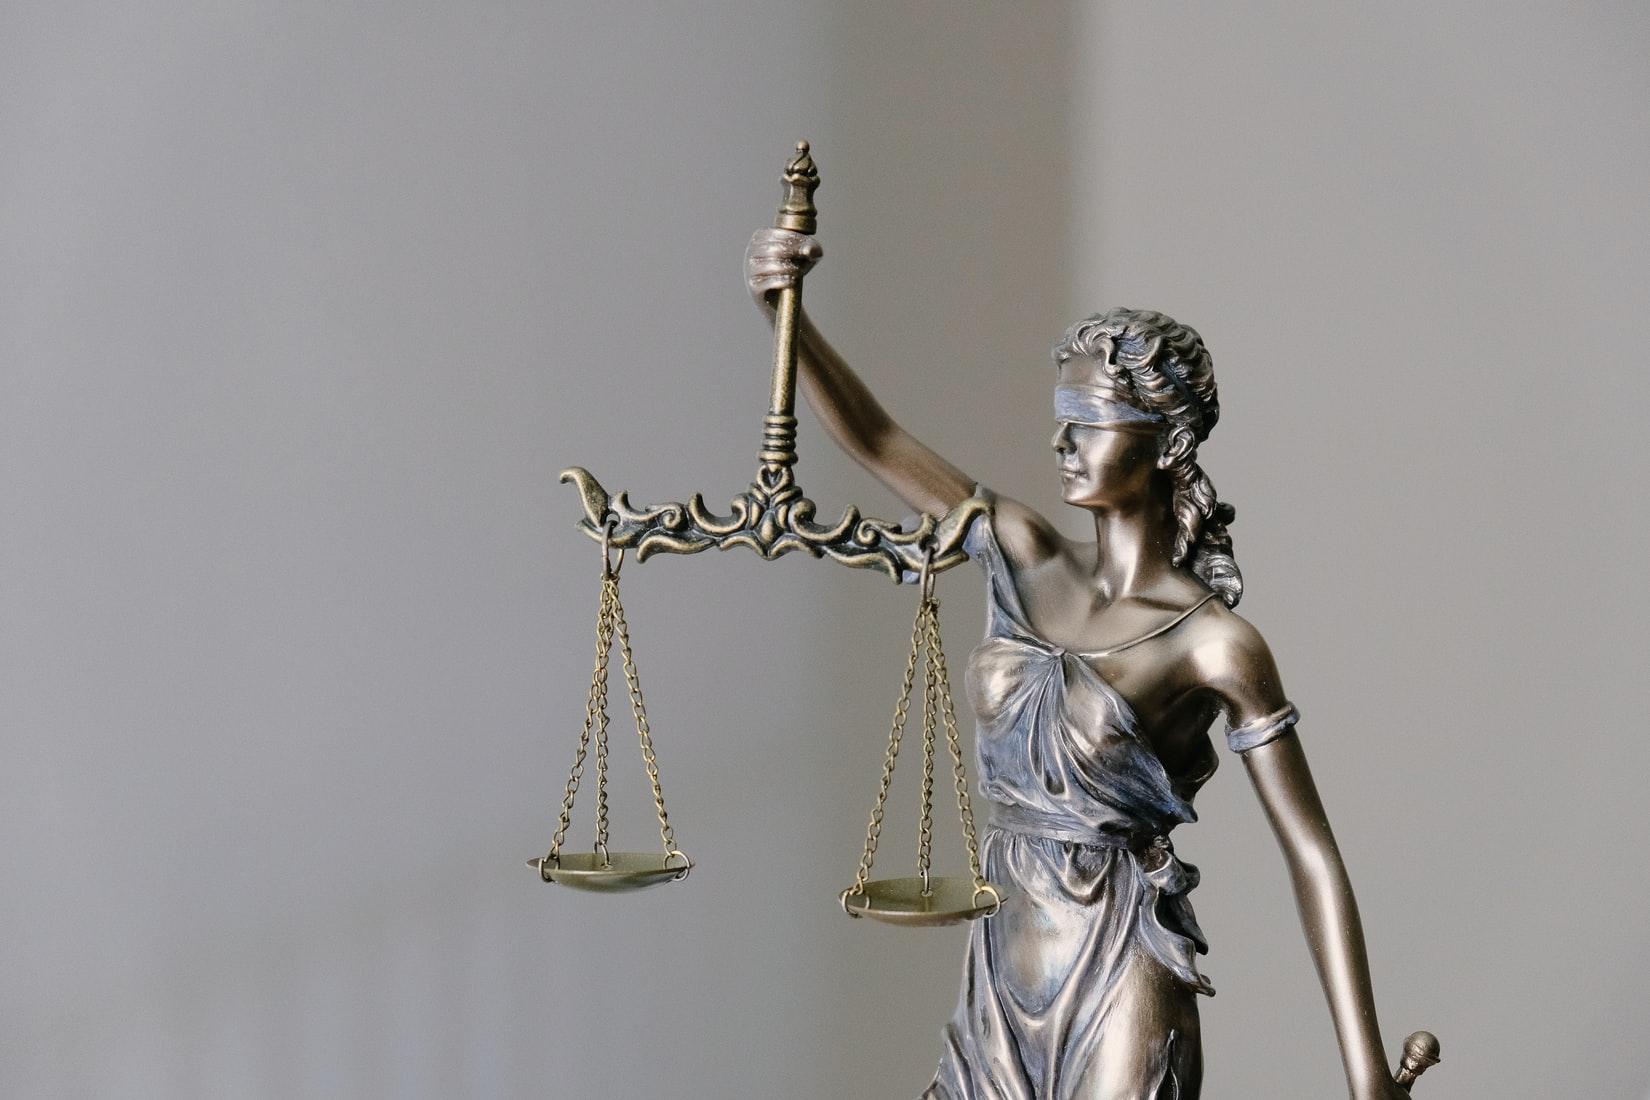 stf-vota-a-constitucionalidade-do-aumento-da-aliquota-do-cofins-importacao-e-a-vedacao-ao-creditamento-sobre-o-aumento